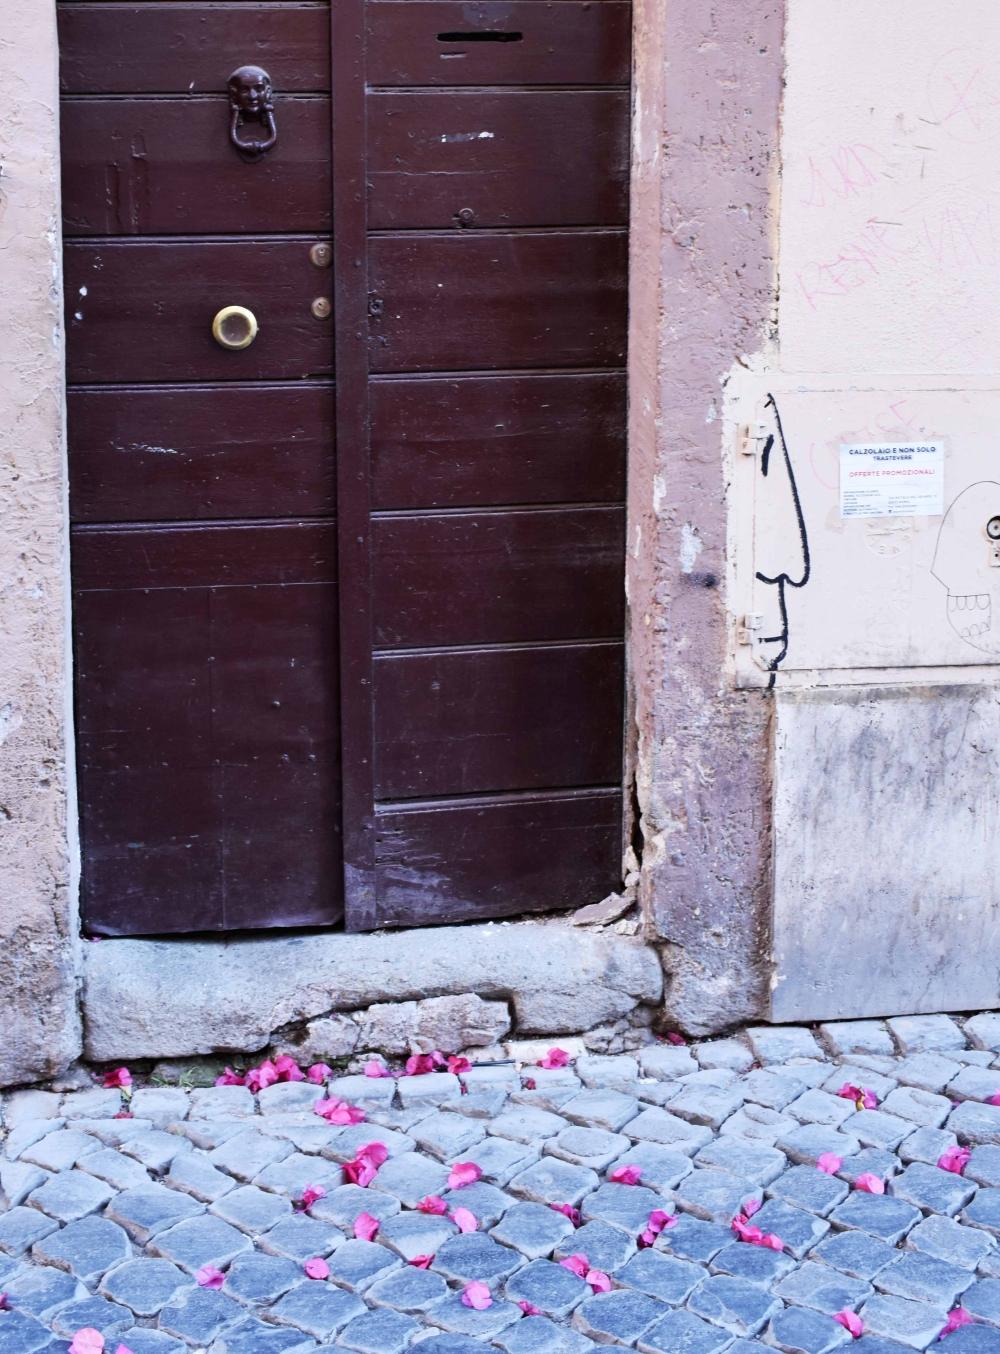 DoorPetalsArt